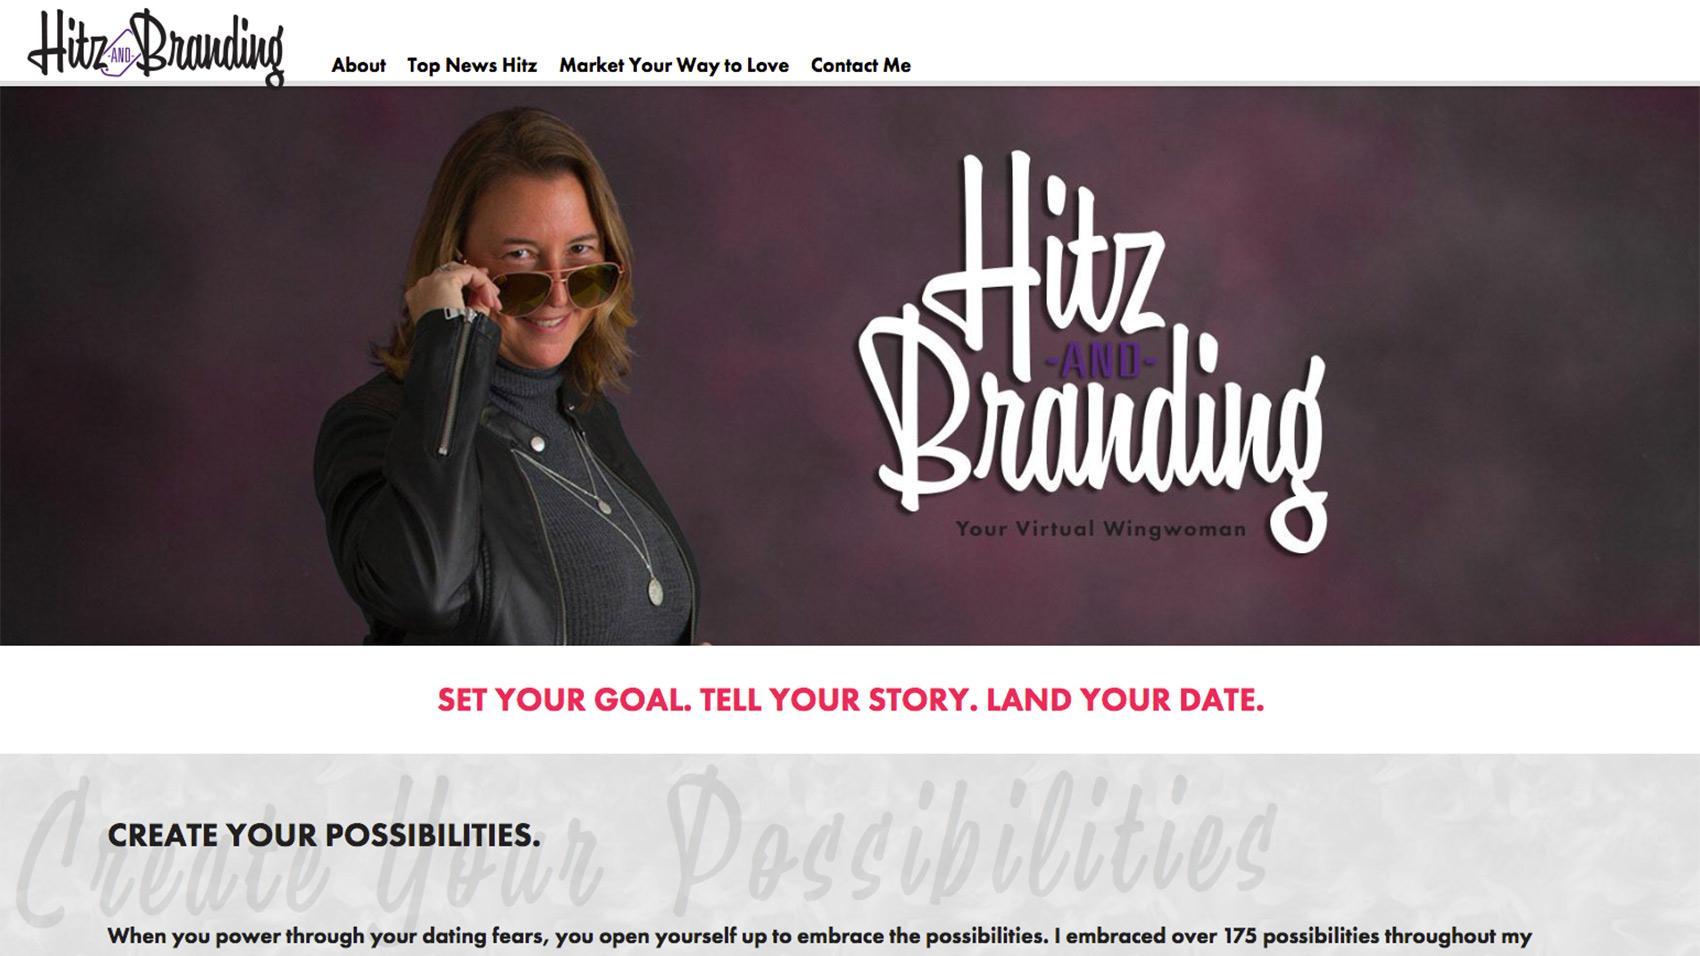 Hitz and Branding